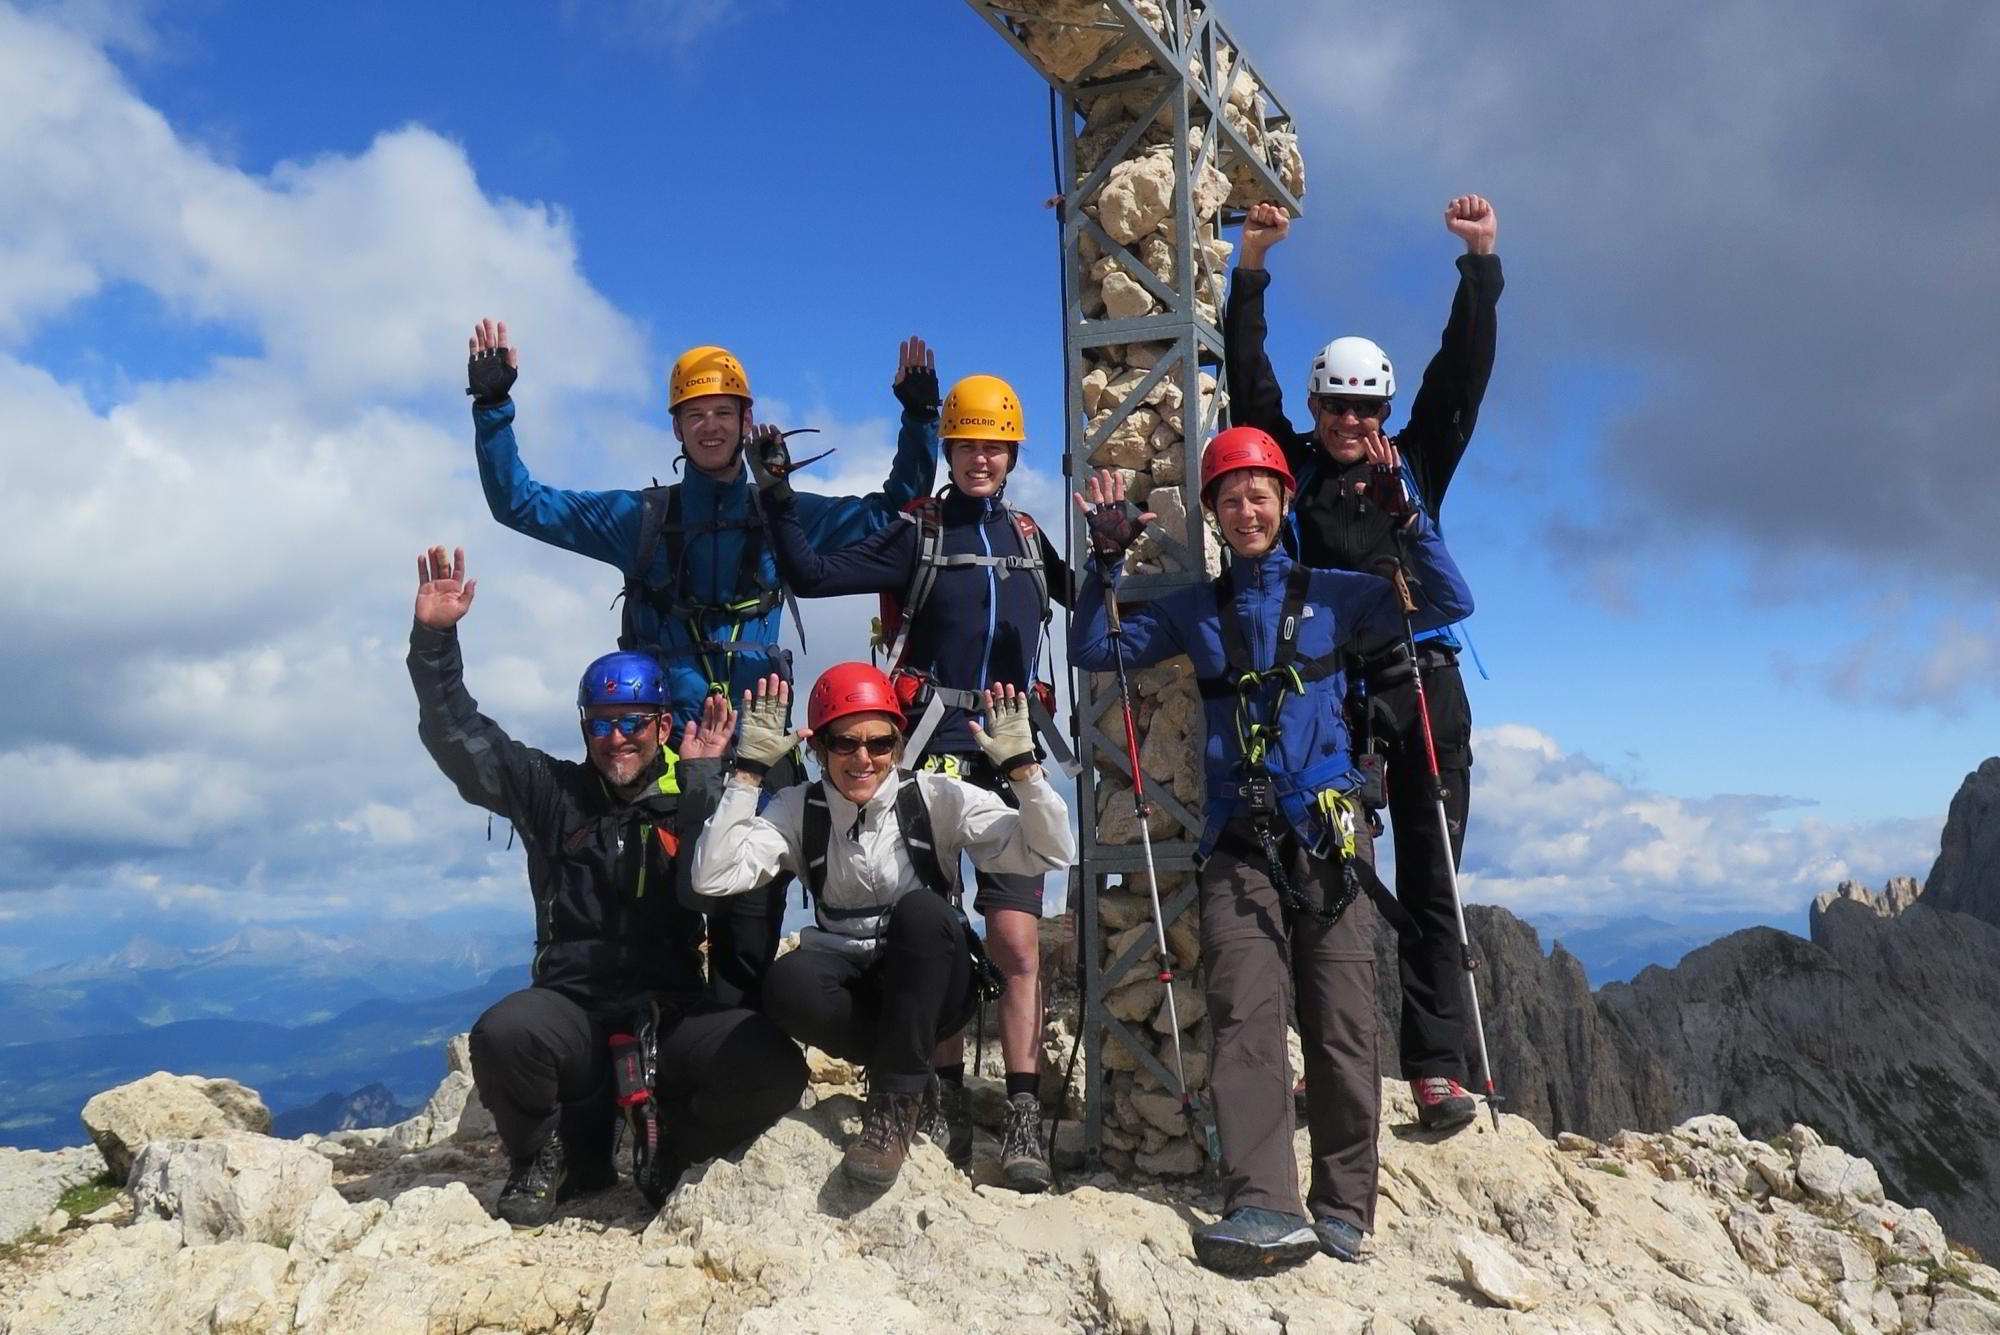 Klettersteige Rosengarten